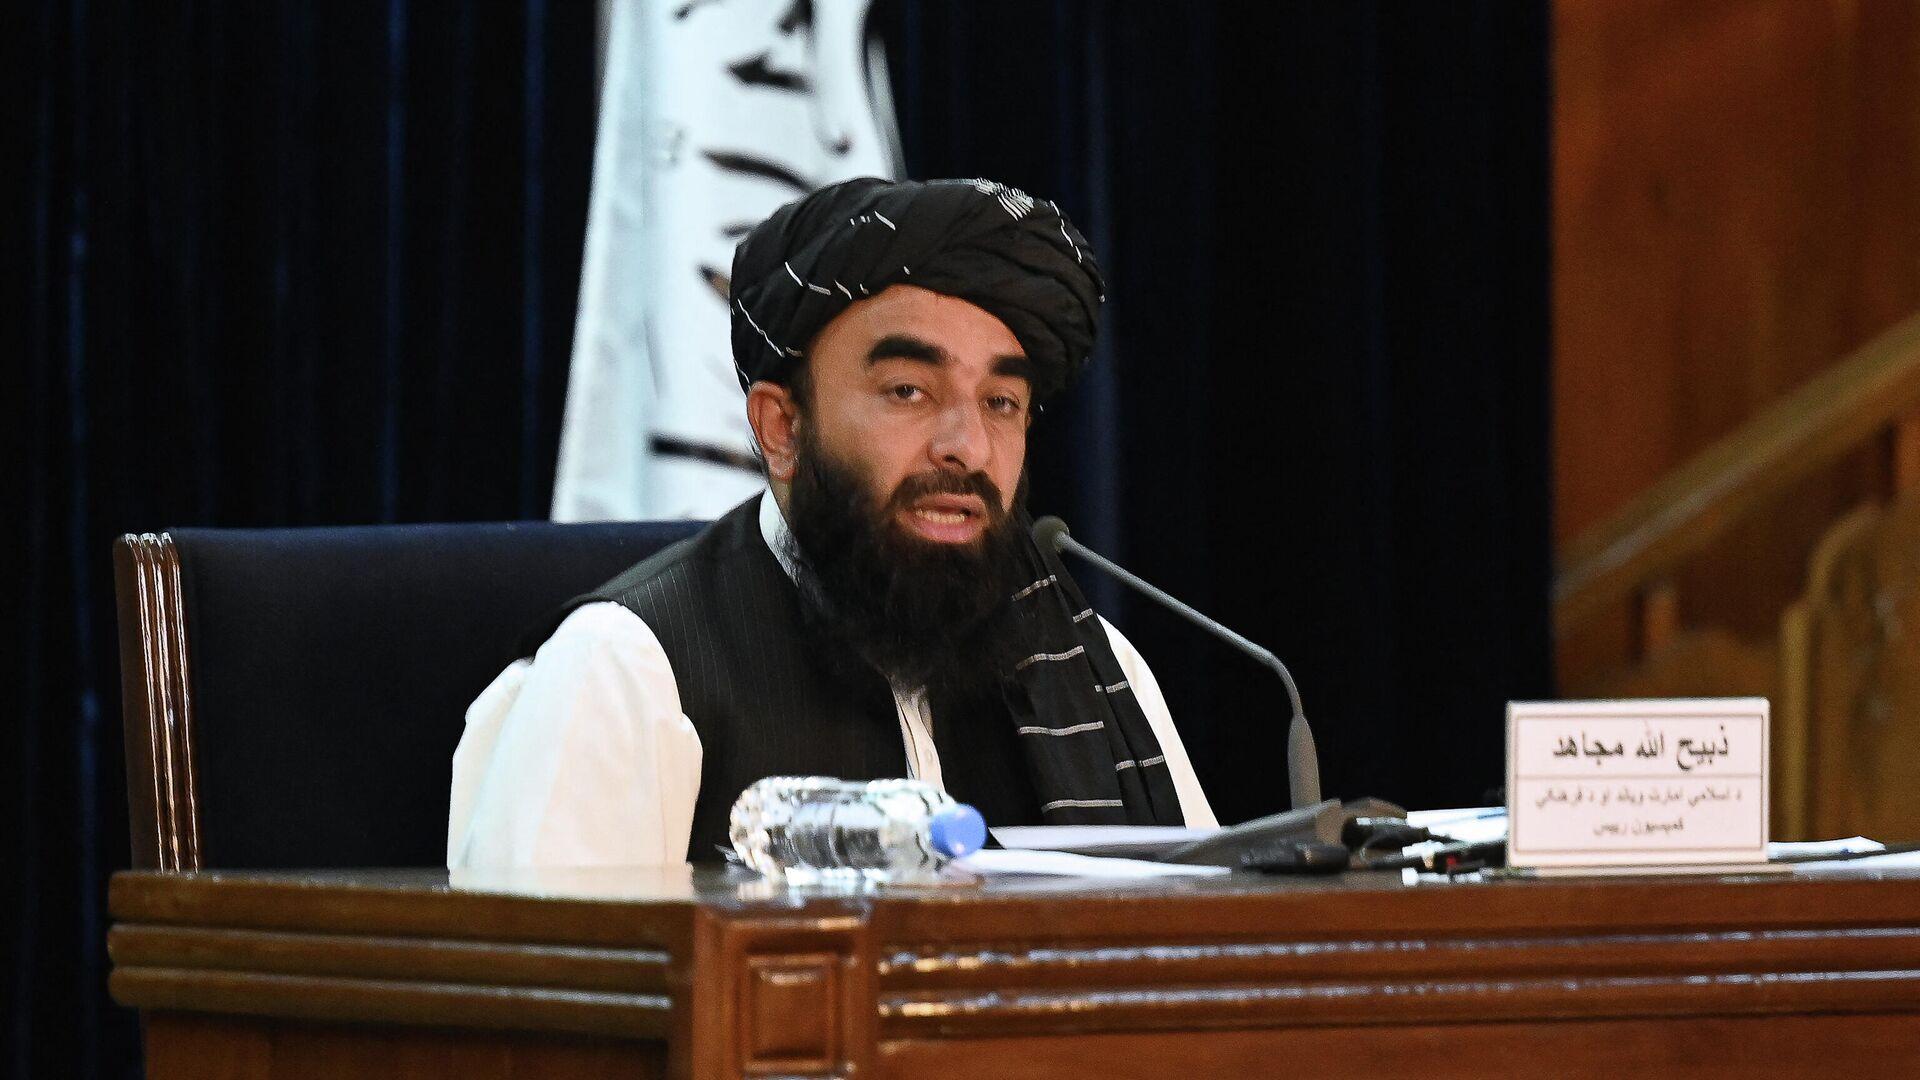 Официальный представитель движения Талибан Забихулла Муджахид - Sputnik Таджикистан, 1920, 12.10.2021